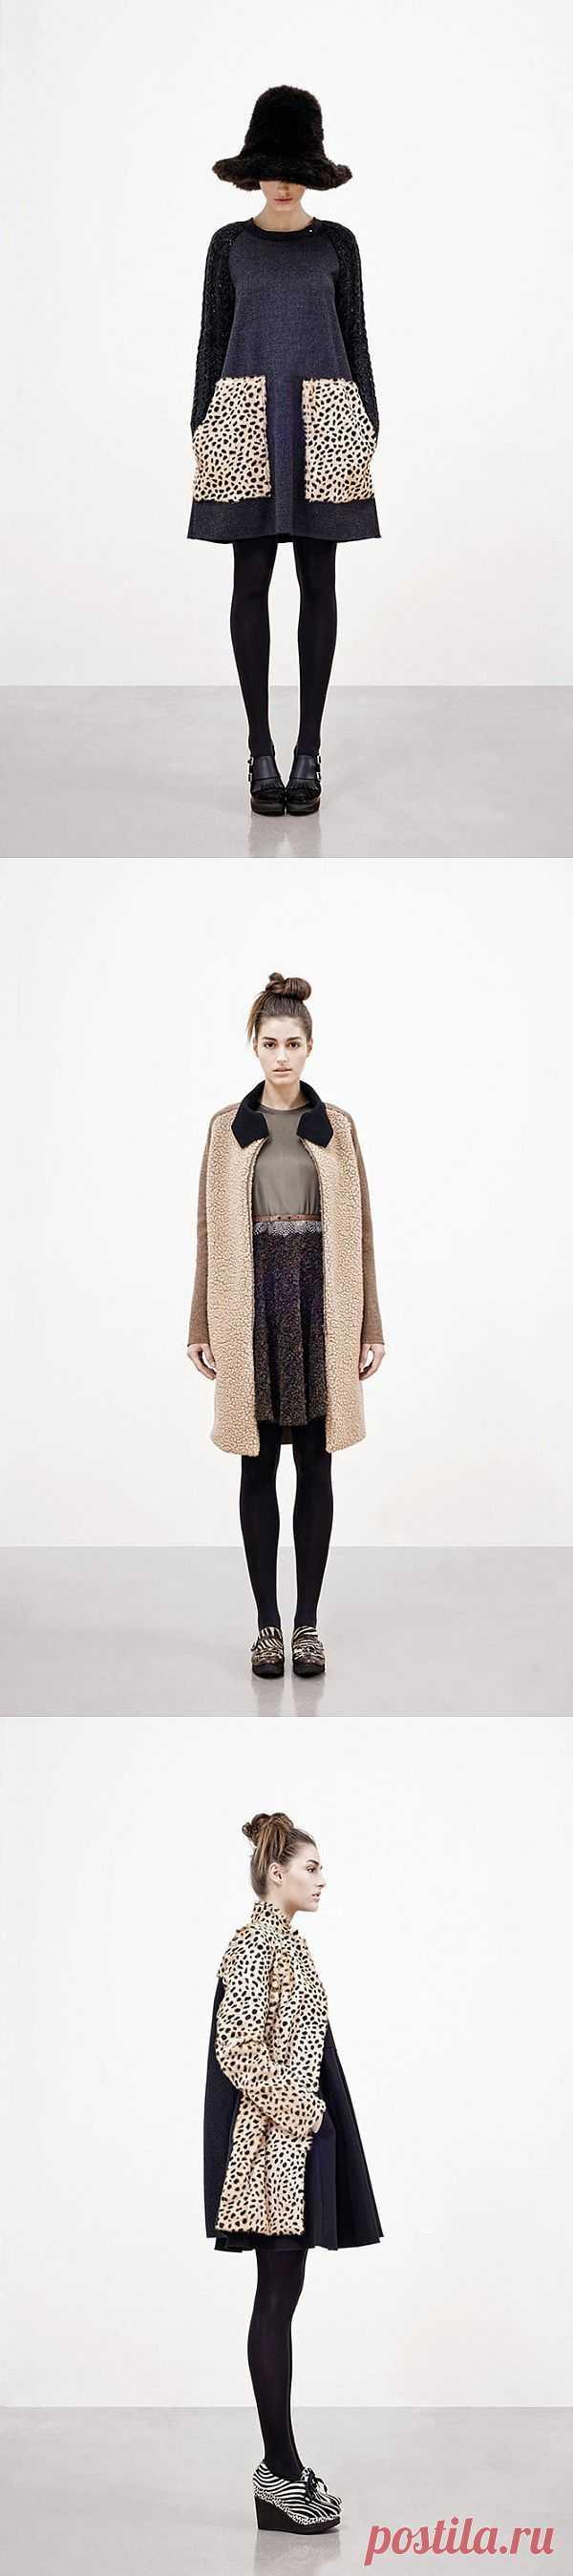 Лукбук Hache зима 2012 / Лукбуки / Модный сайт о стильной переделке одежды и интерьера